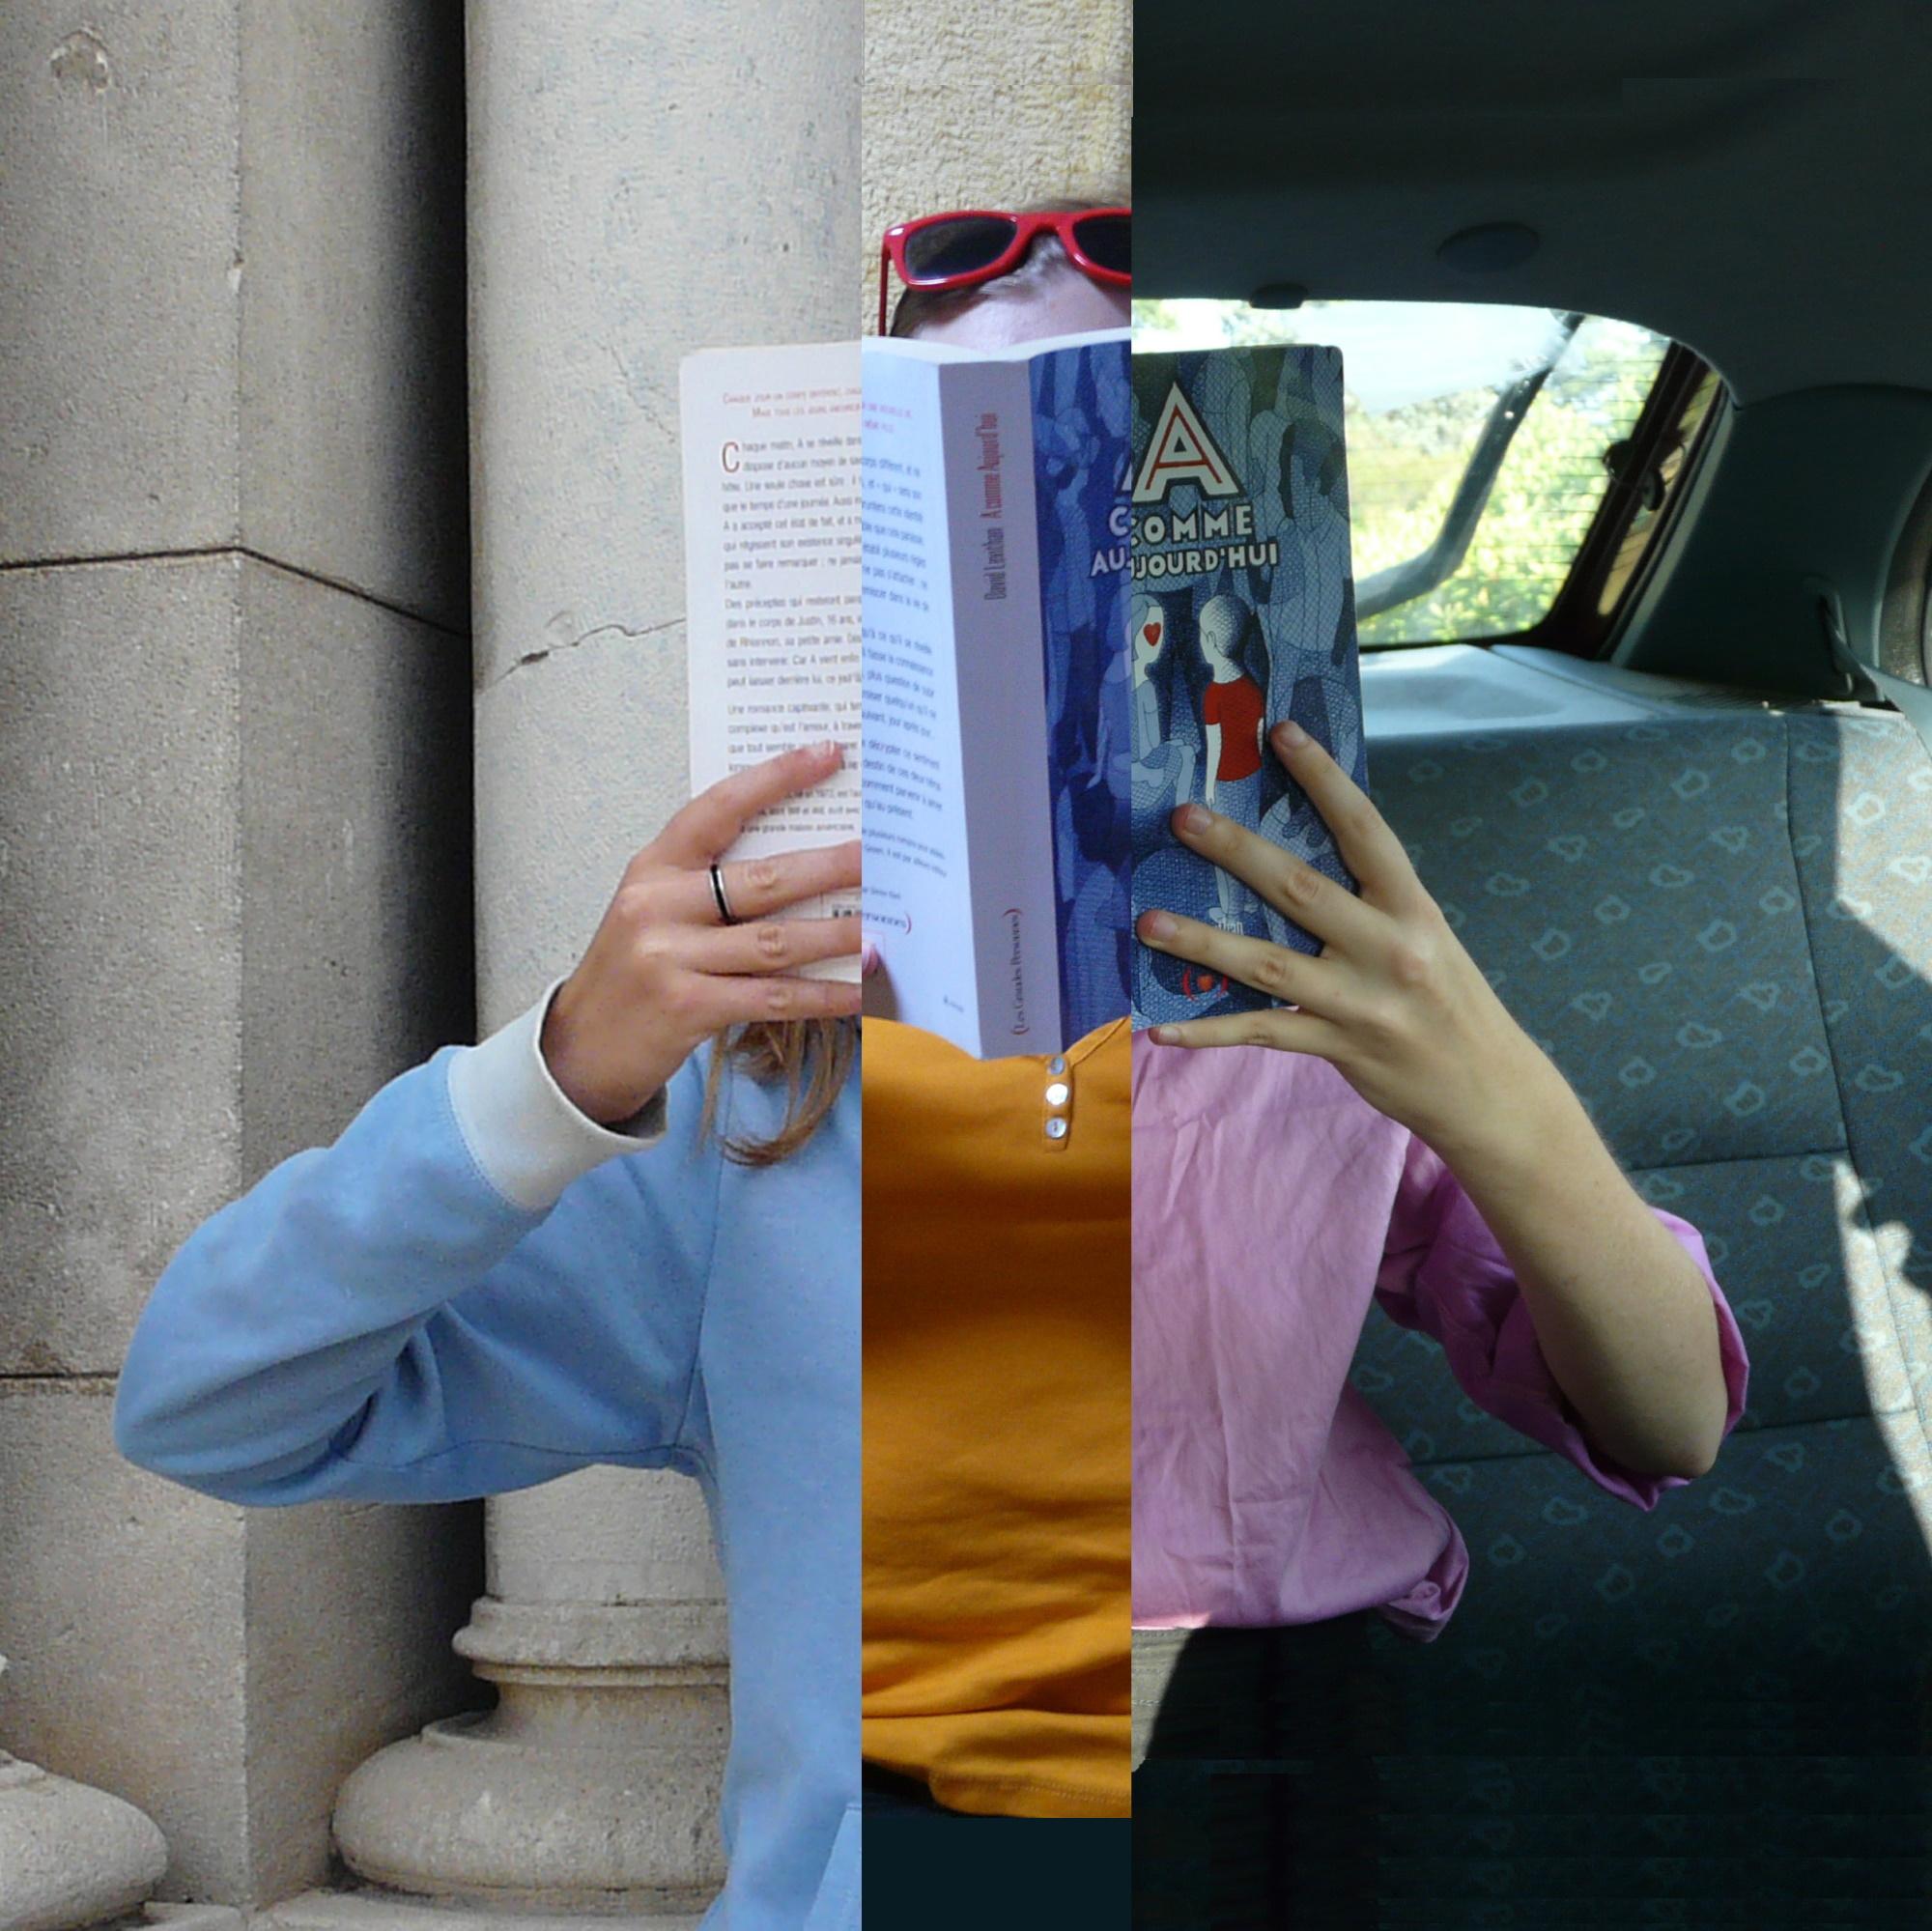 photo d'une personne en train de lire A comme aujourd'hui, en trois parties : à gauche elle est en pull bleu devant une église, au milieu elle est en débardeur jaune allongée sur une serviette jaune, à droite elle est en chemise rose dans une voiture